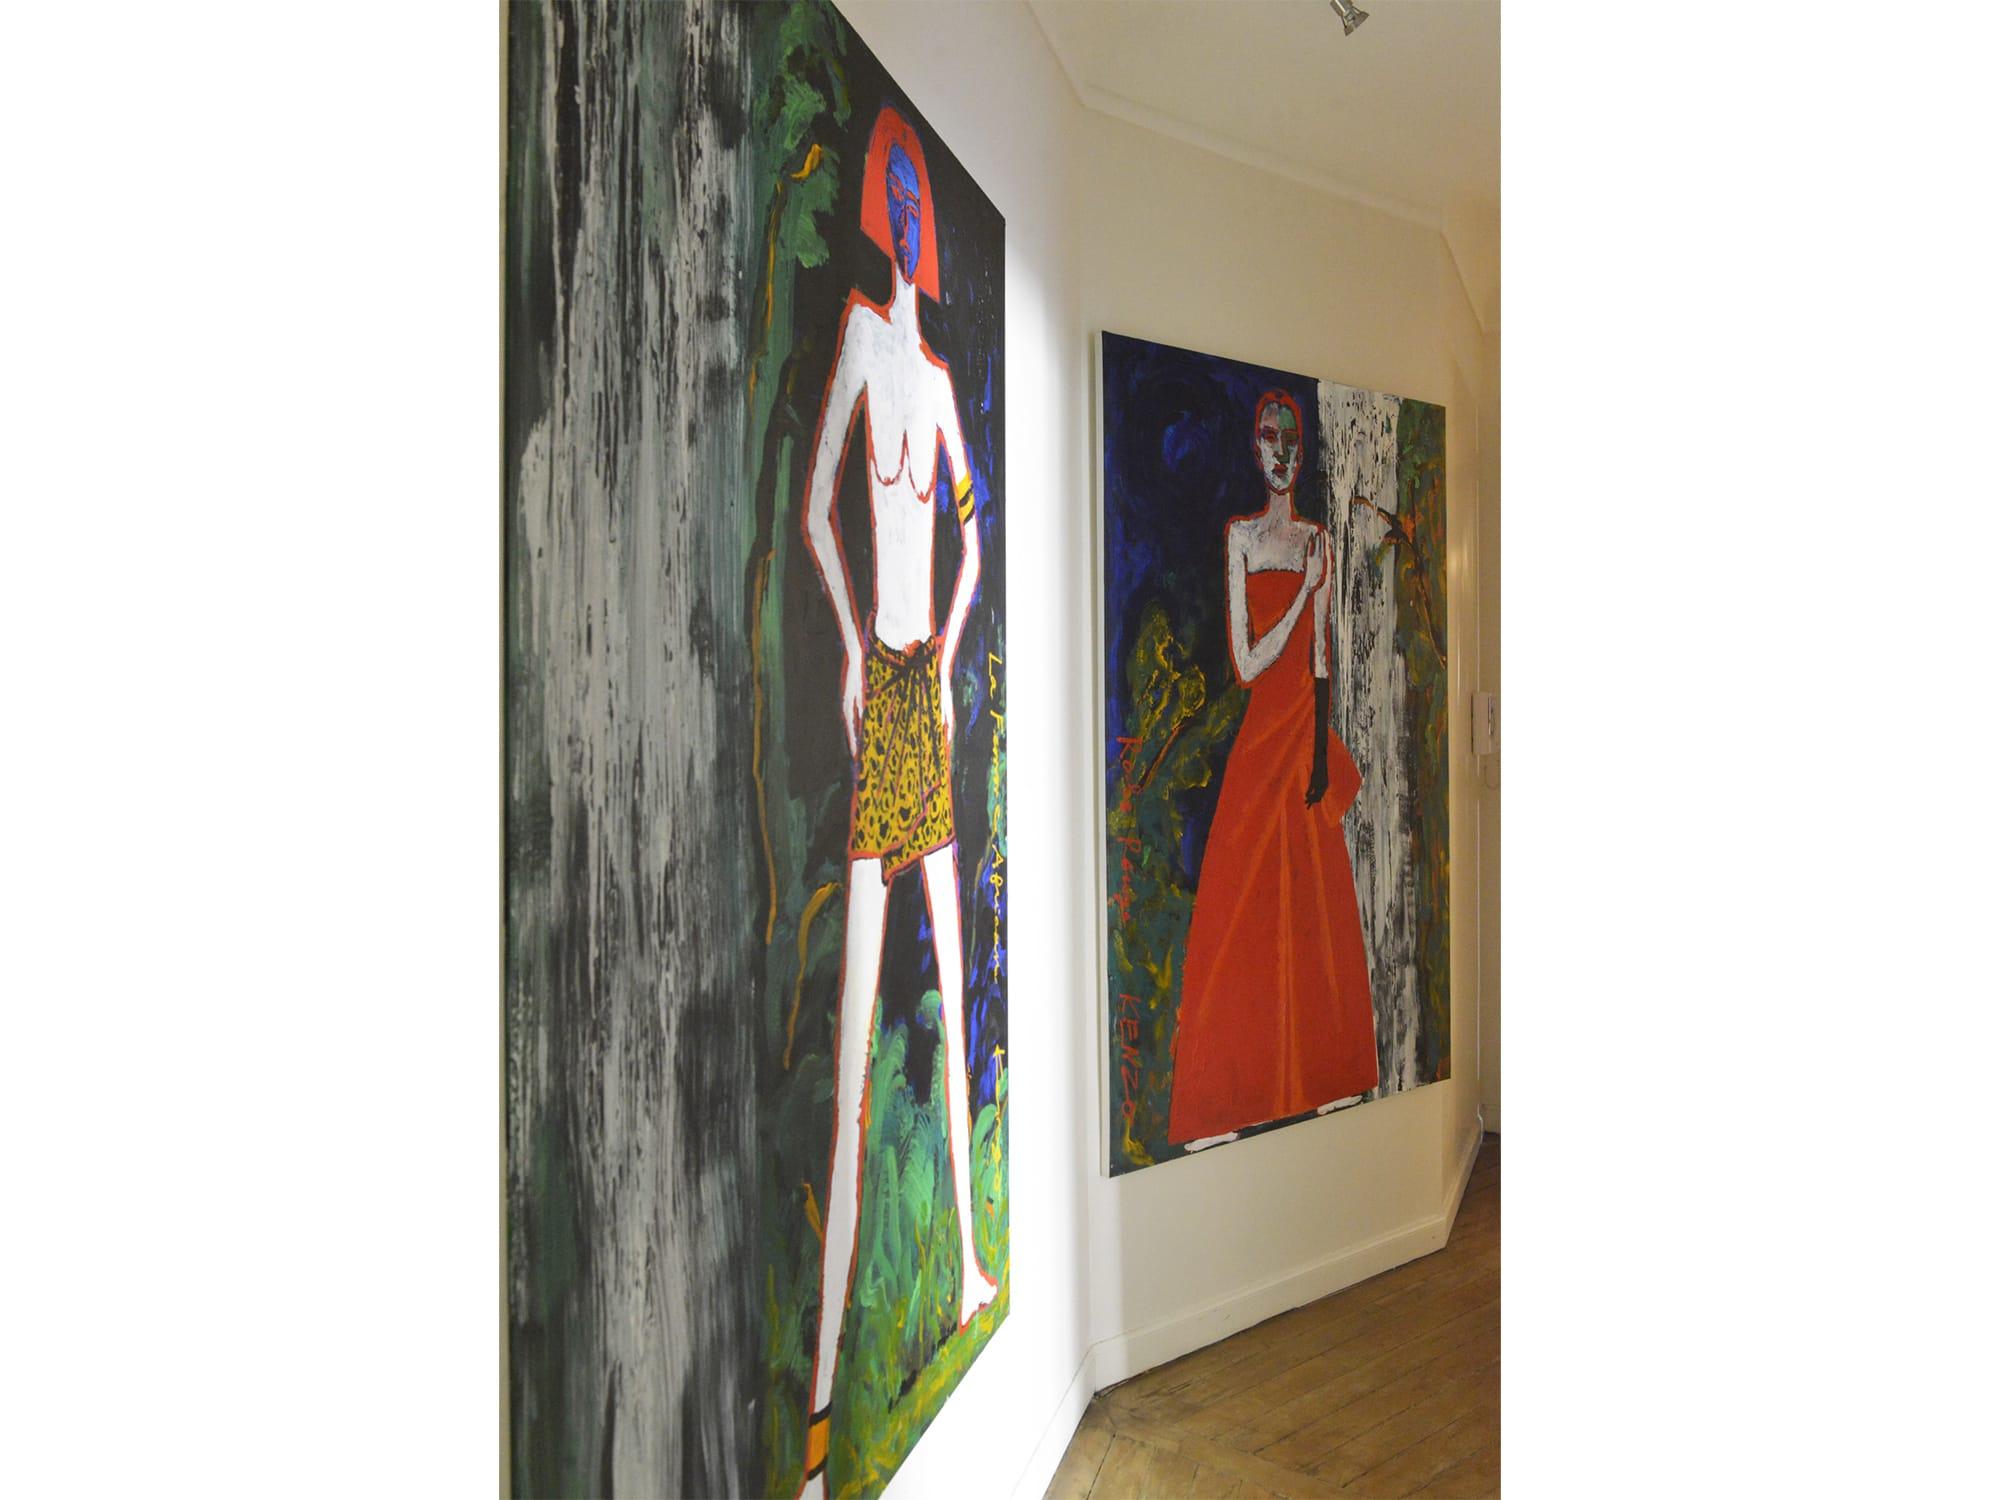 アトリエの玄関から部屋までの長いアプローチにもアート作品が並ぶ。